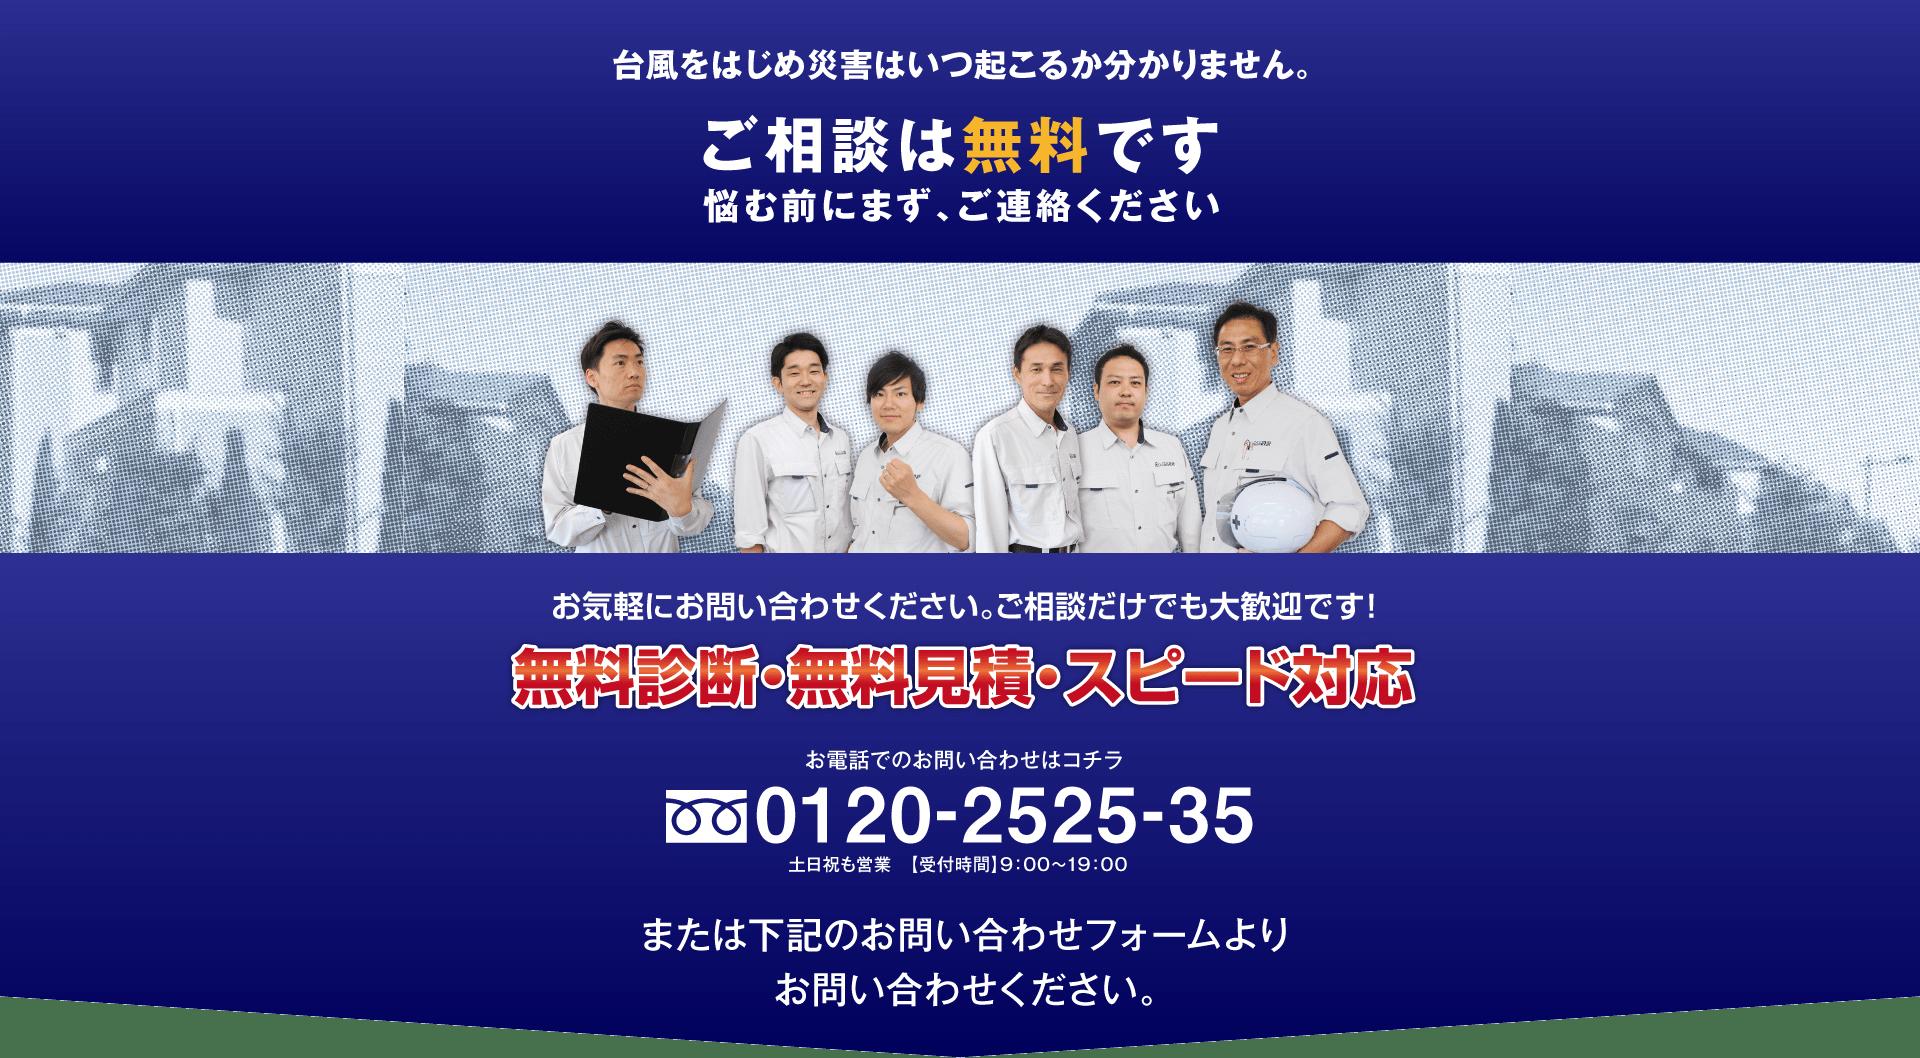 台風を始め災害はいつ起こるか分かりません。ご相談は無料です。悩む前にまず、ご連絡ください。